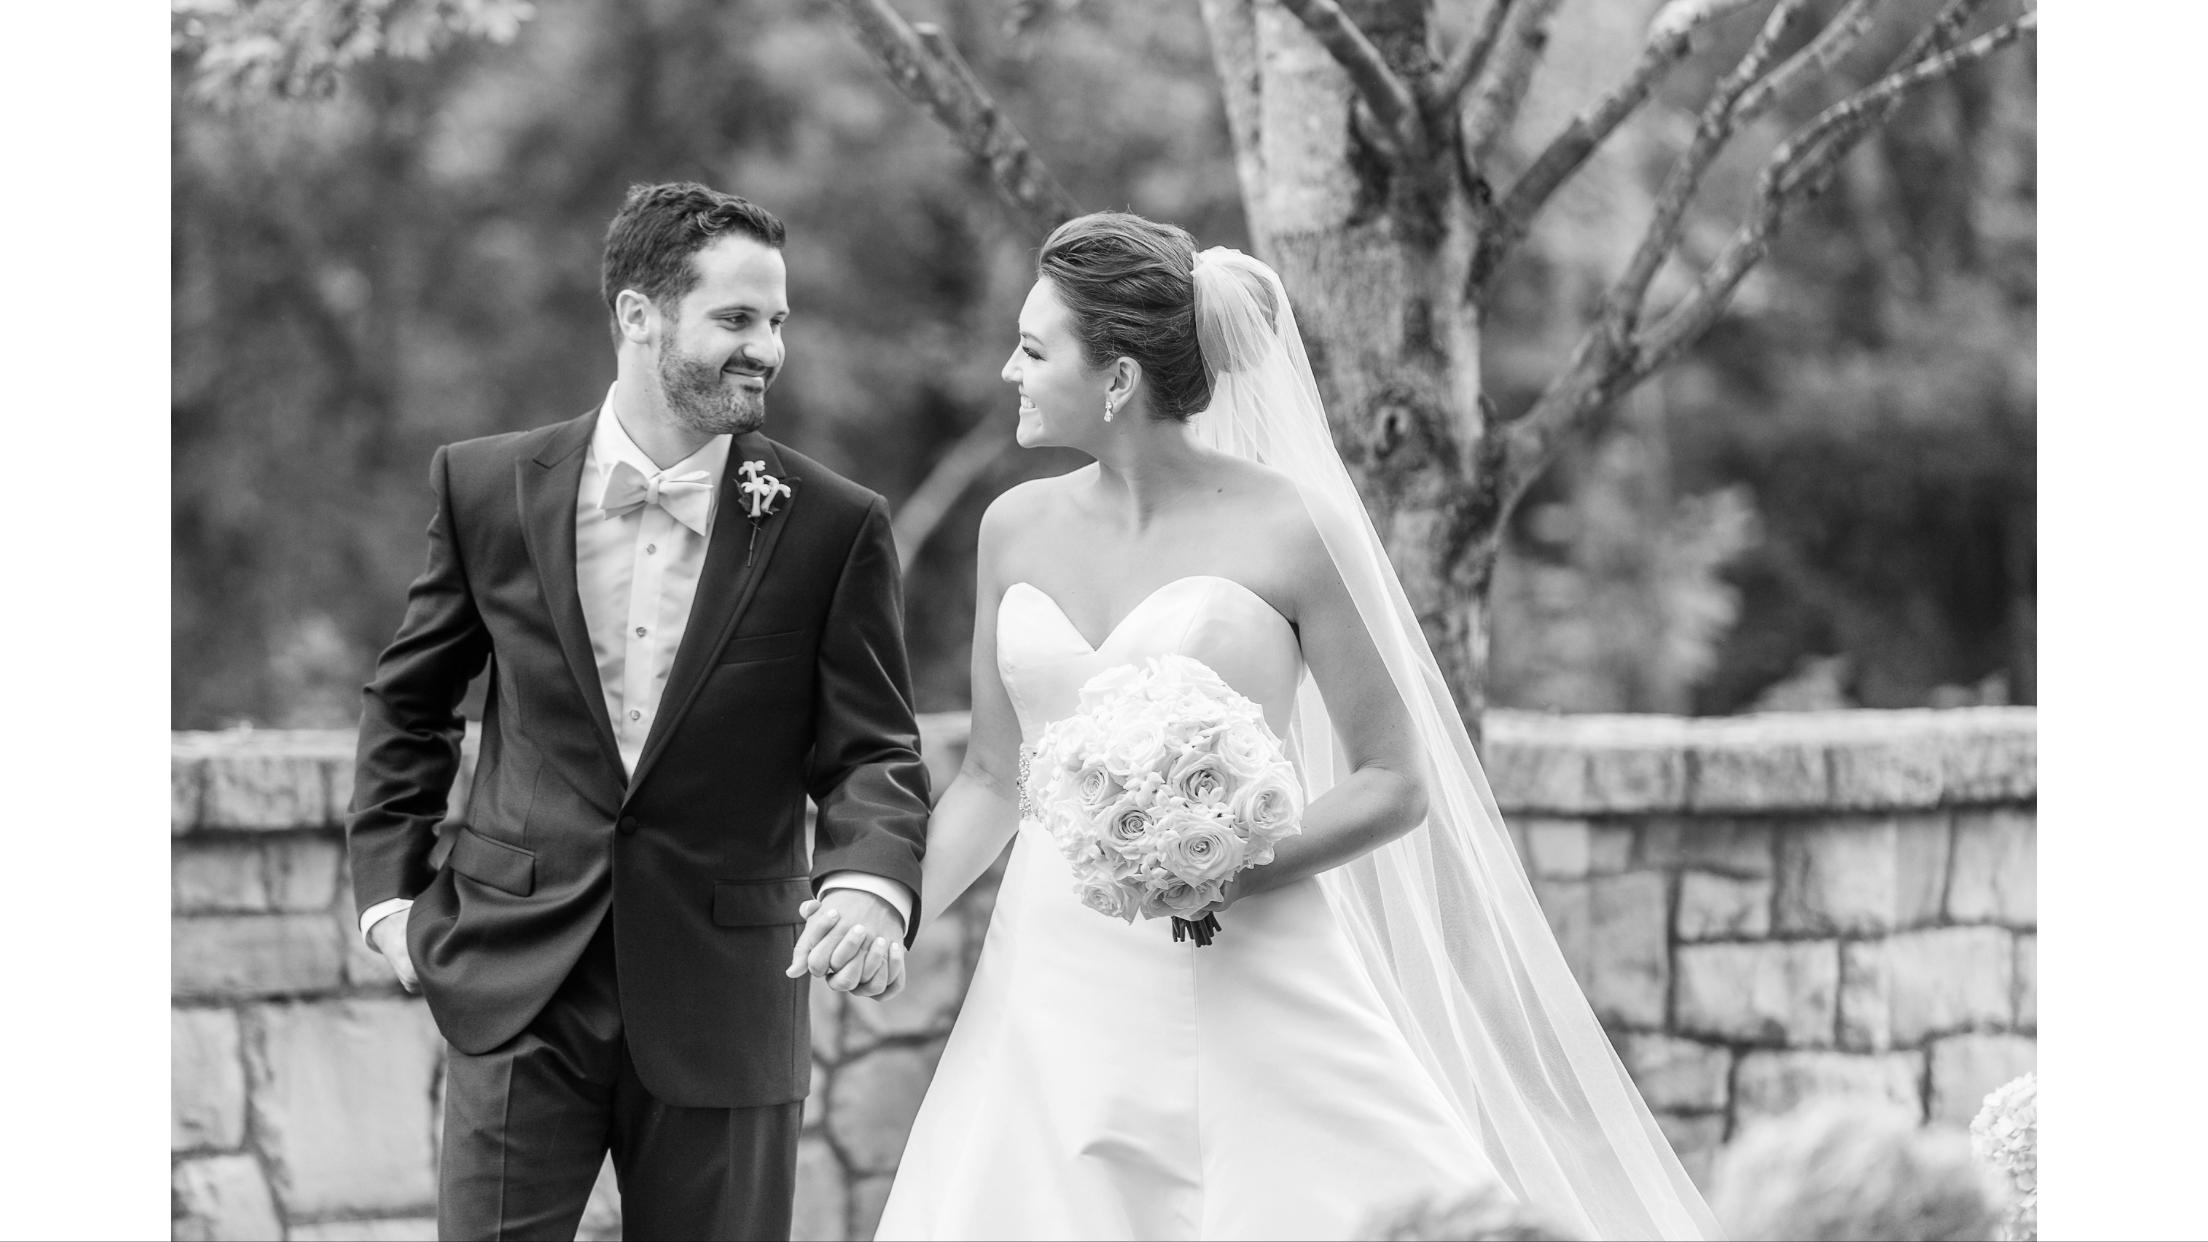 Mattie and Ben's wedding day, October 2017.